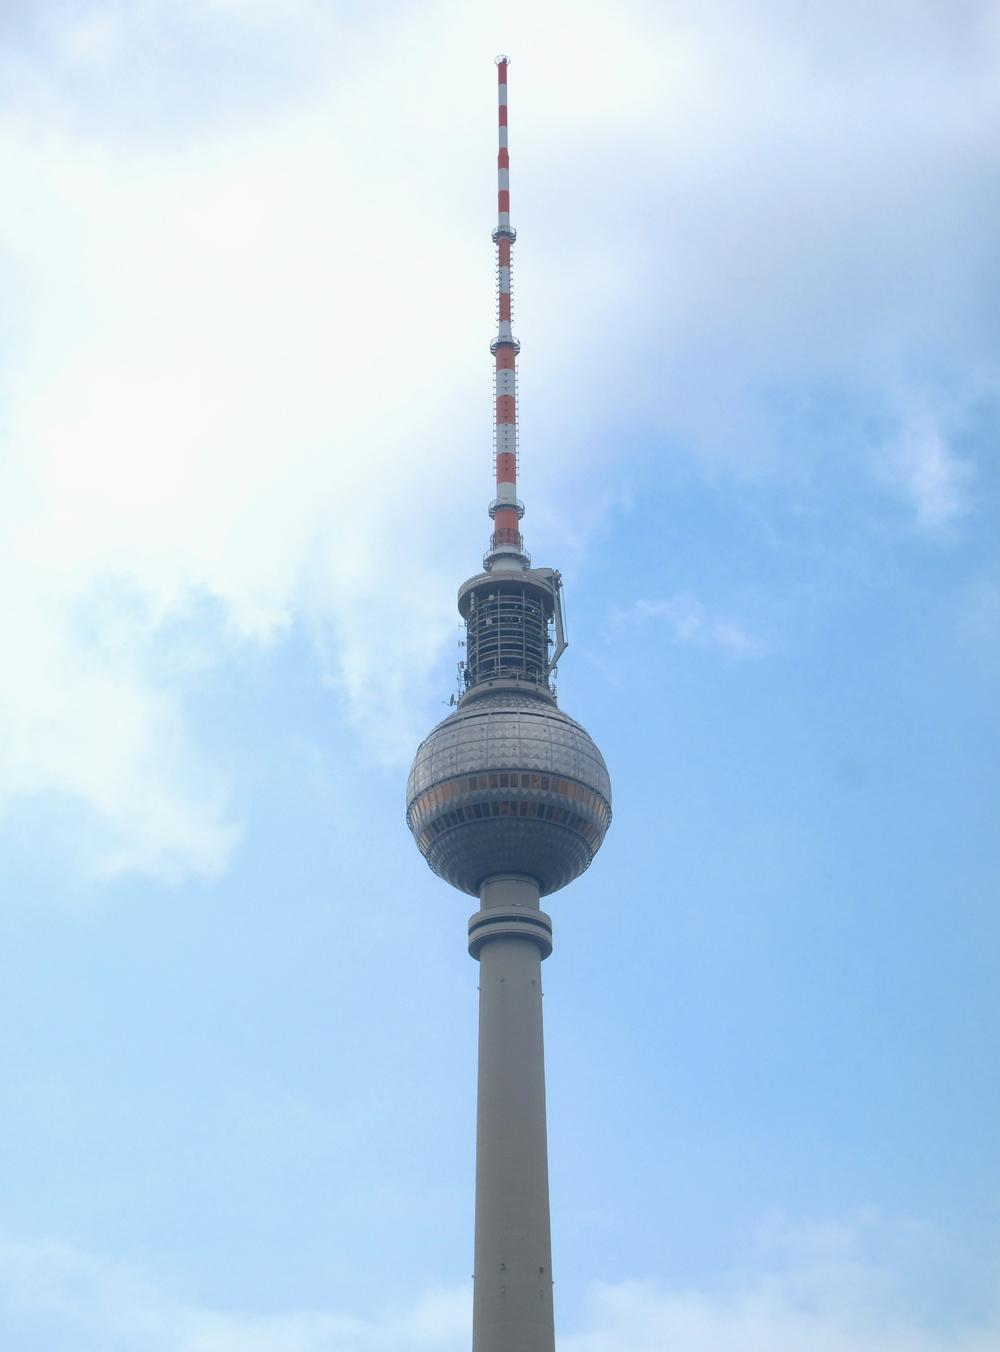 Berlin Fernsehturm skytower